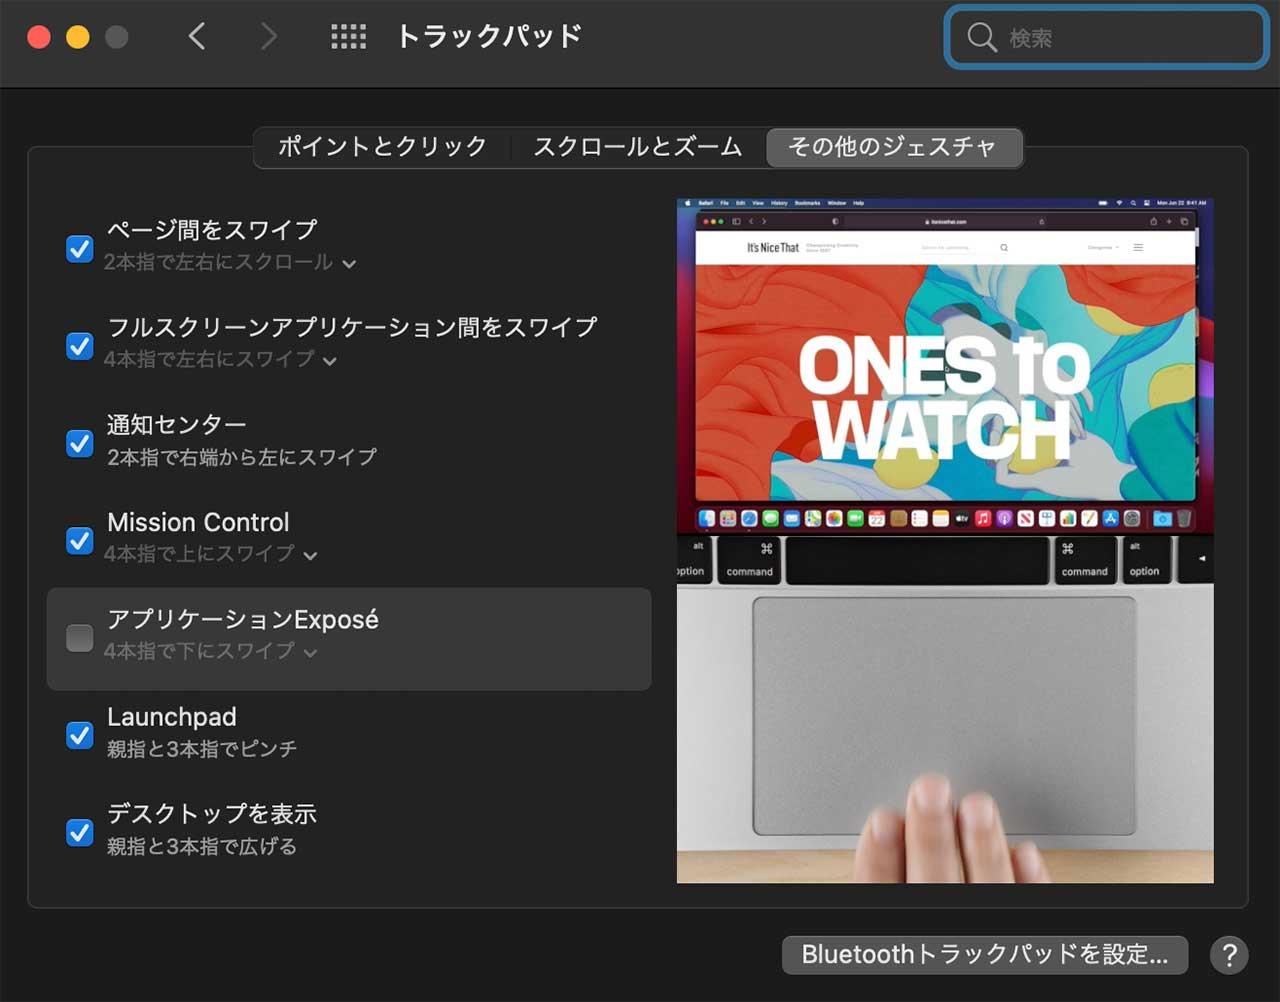 アプリケーションExpose